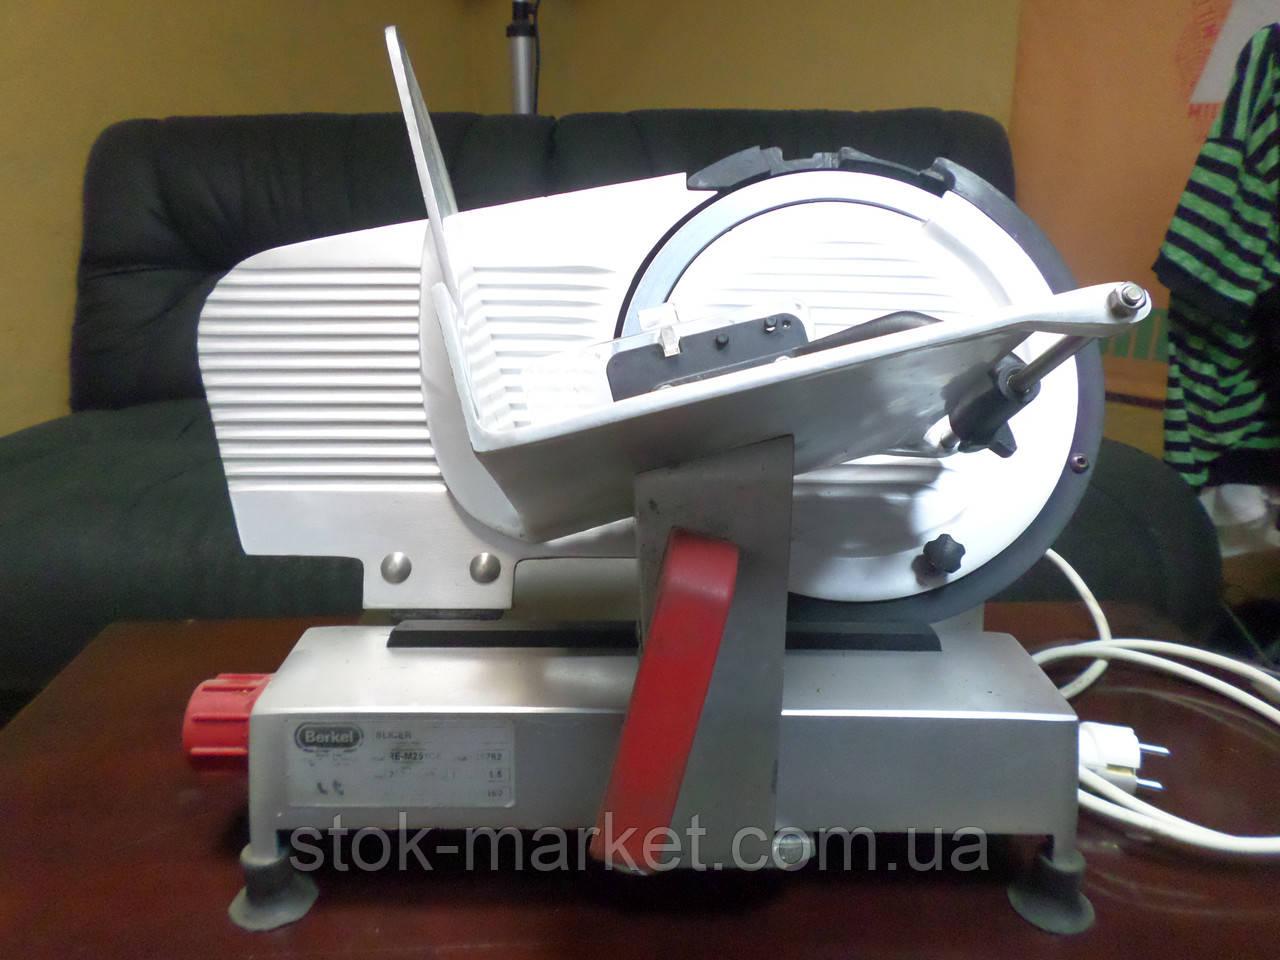 Слайсер Berkel RFM 251 профессиональный Ø 250 мм